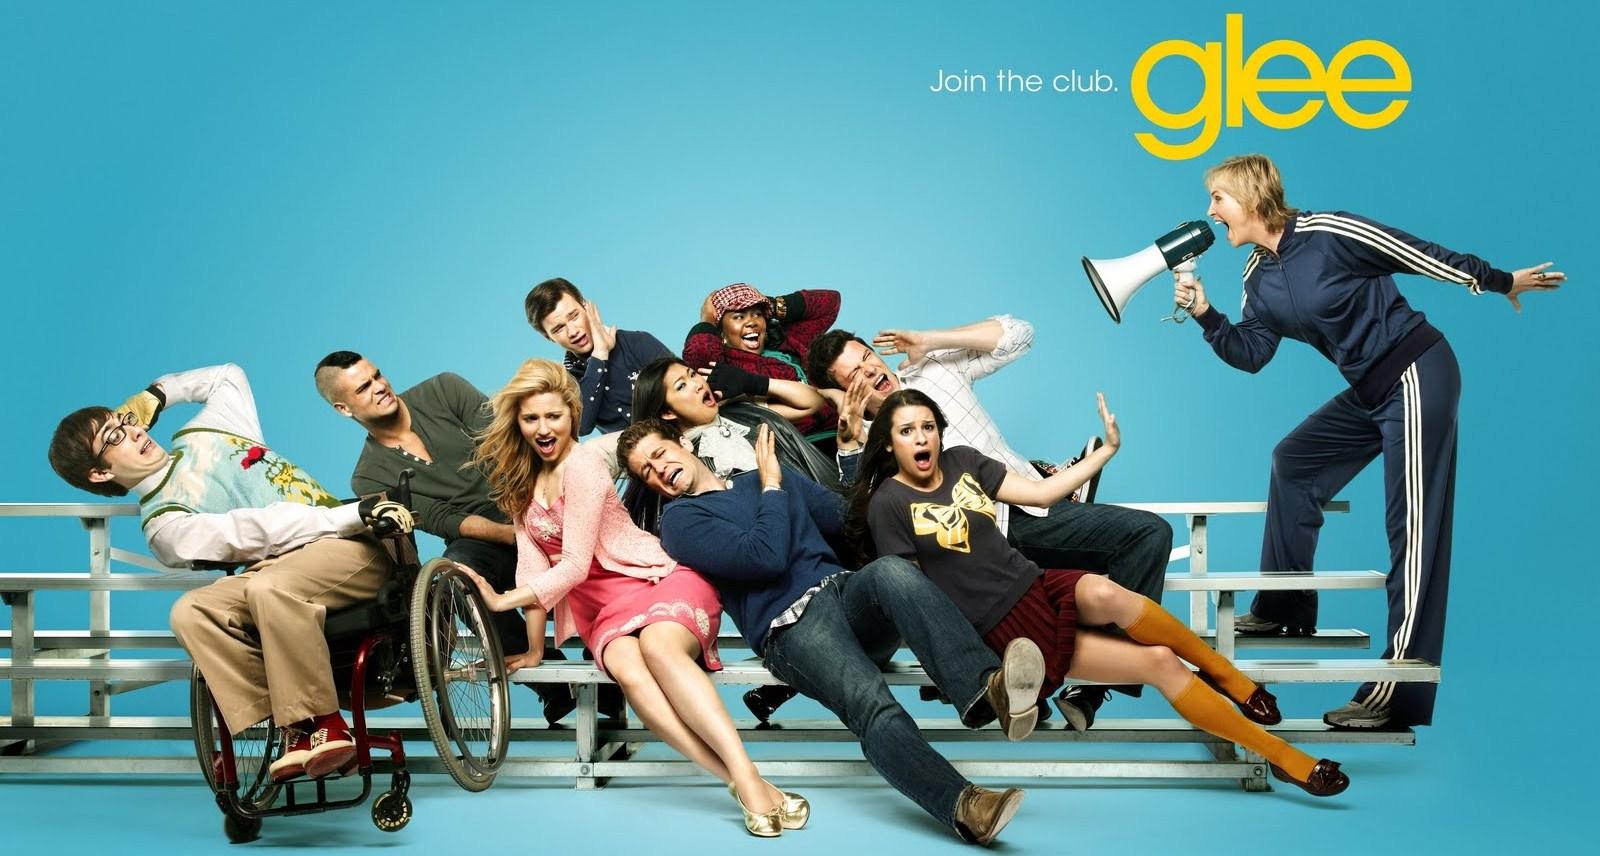 http://3.bp.blogspot.com/_hDFwSCWSkEc/TJn8EUDKFbI/AAAAAAAAAeQ/BT-vyQJVdVk/s1600/Glee+285.jpg